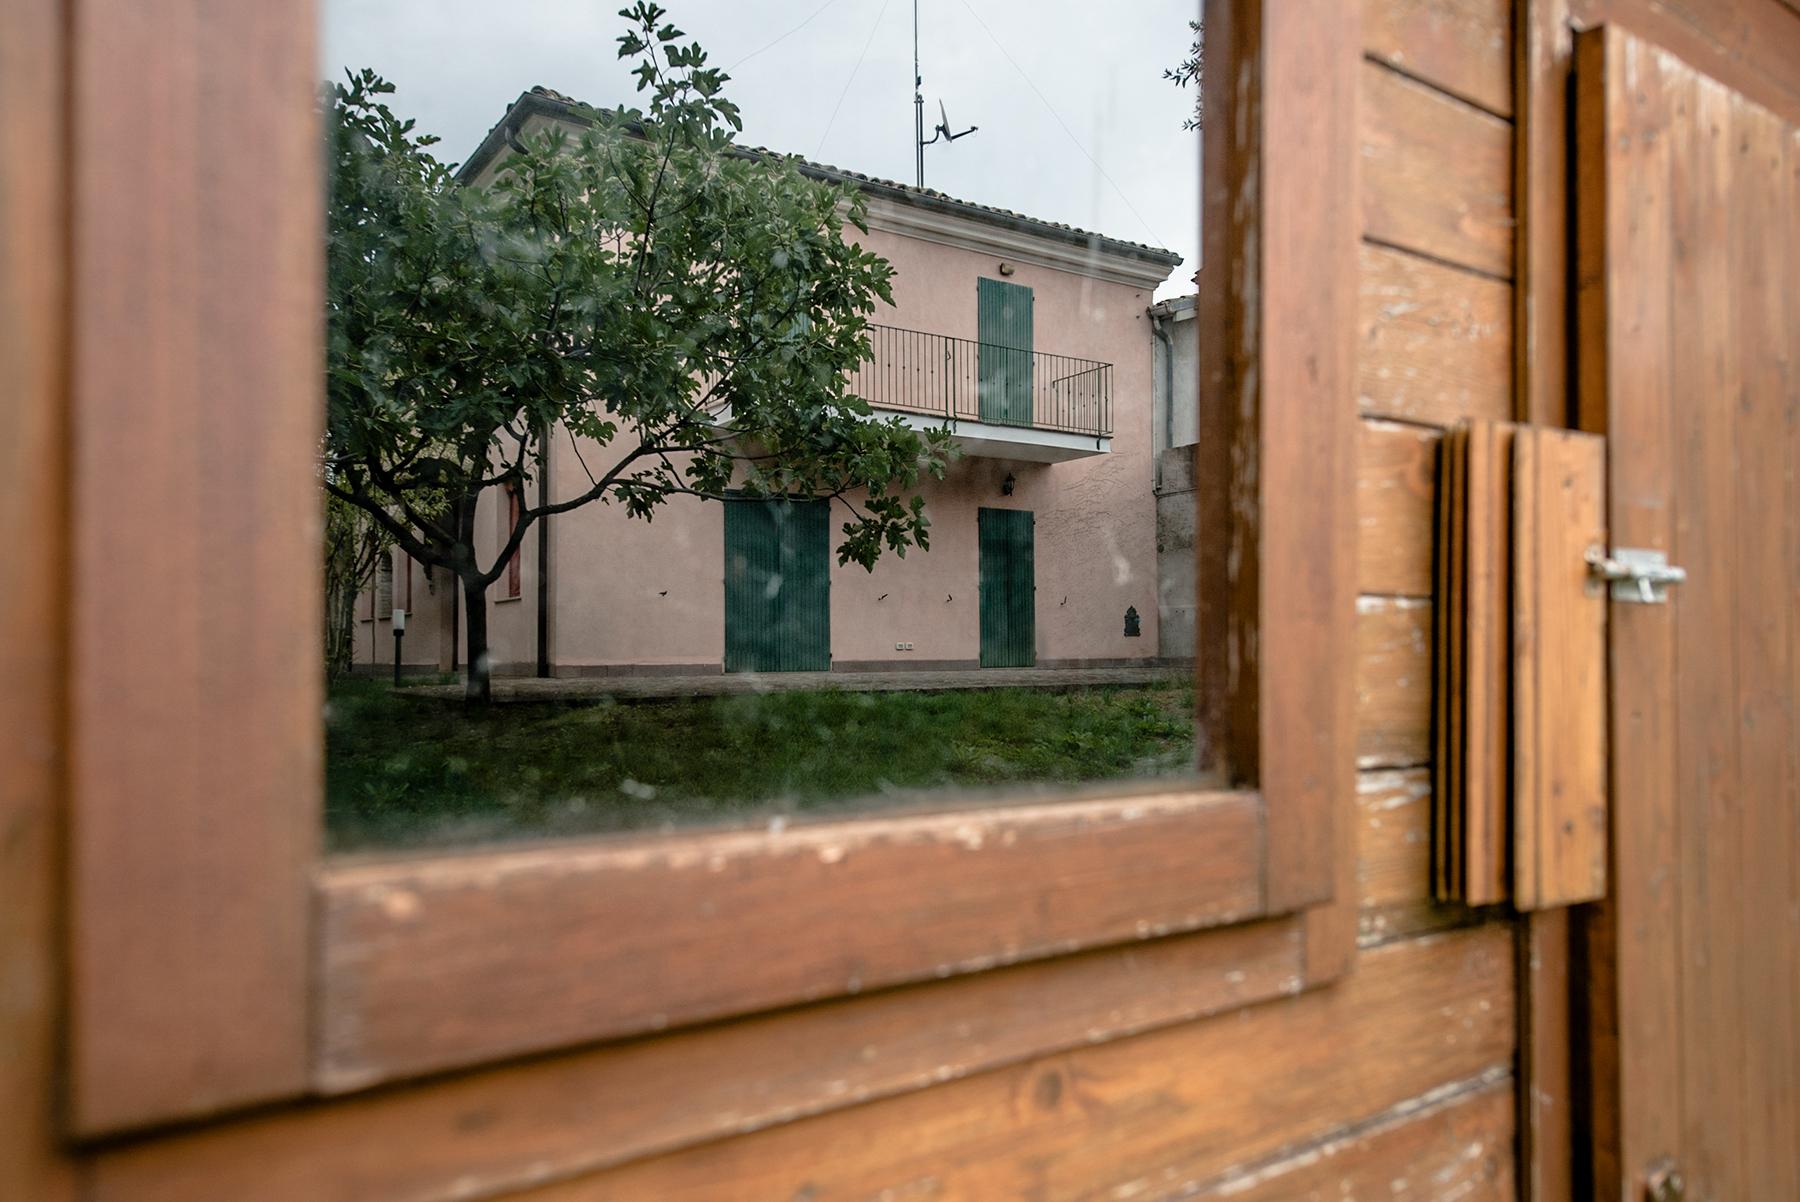 Villa in Vendita a Mondolfo: 5 locali, 240 mq - Foto 6